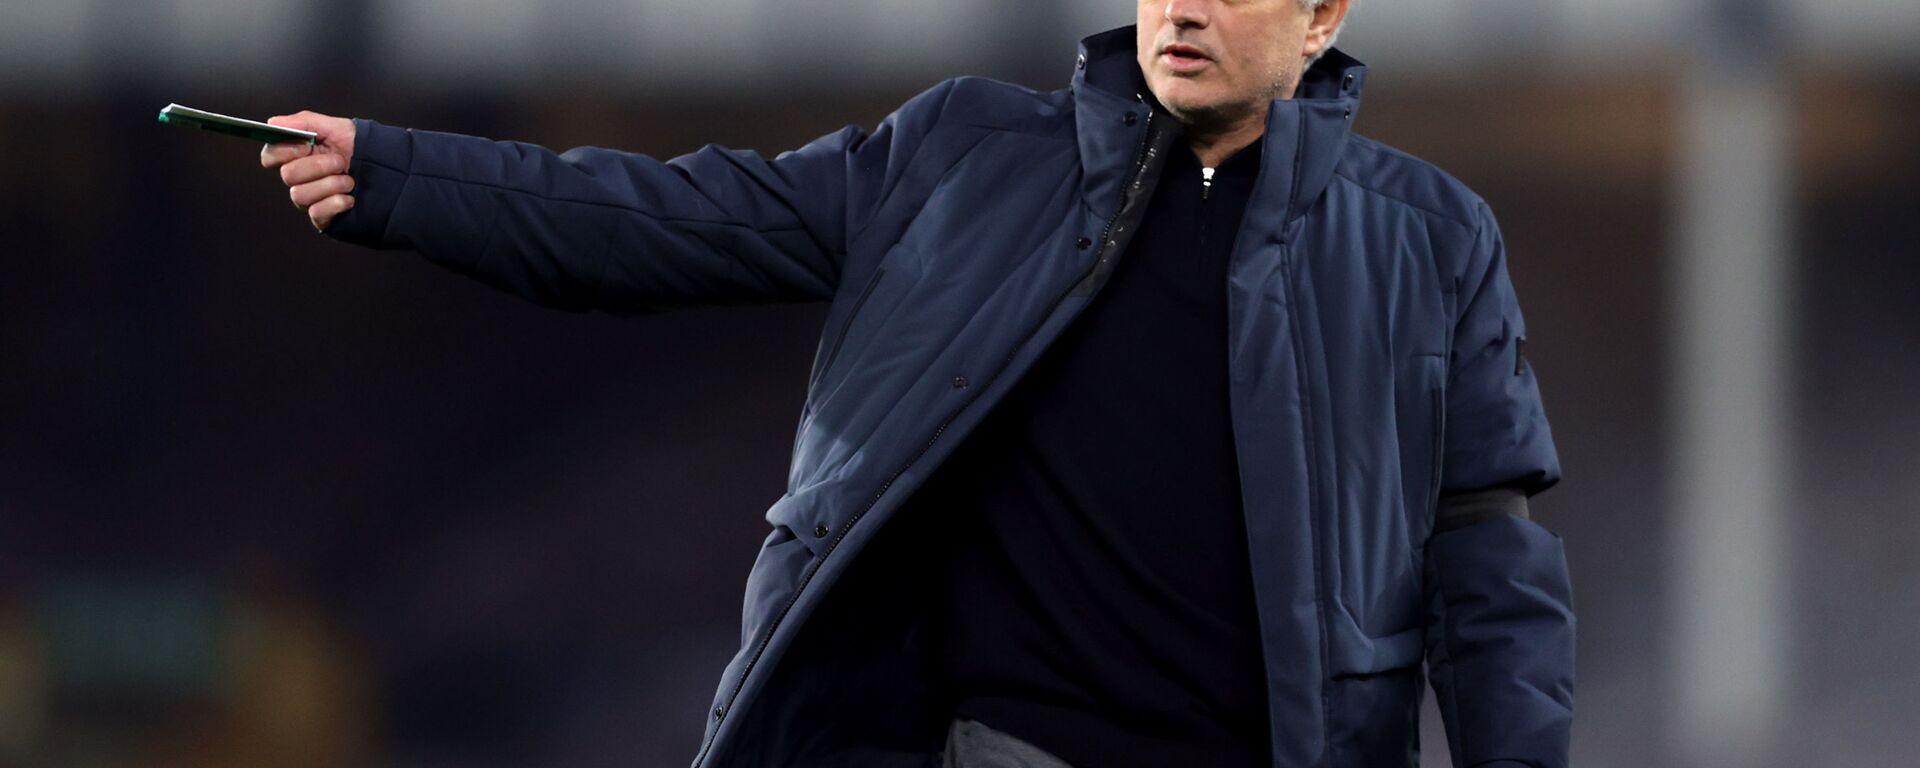 Fotbalový trenér José Mourinho - Sputnik Česká republika, 1920, 19.04.2021